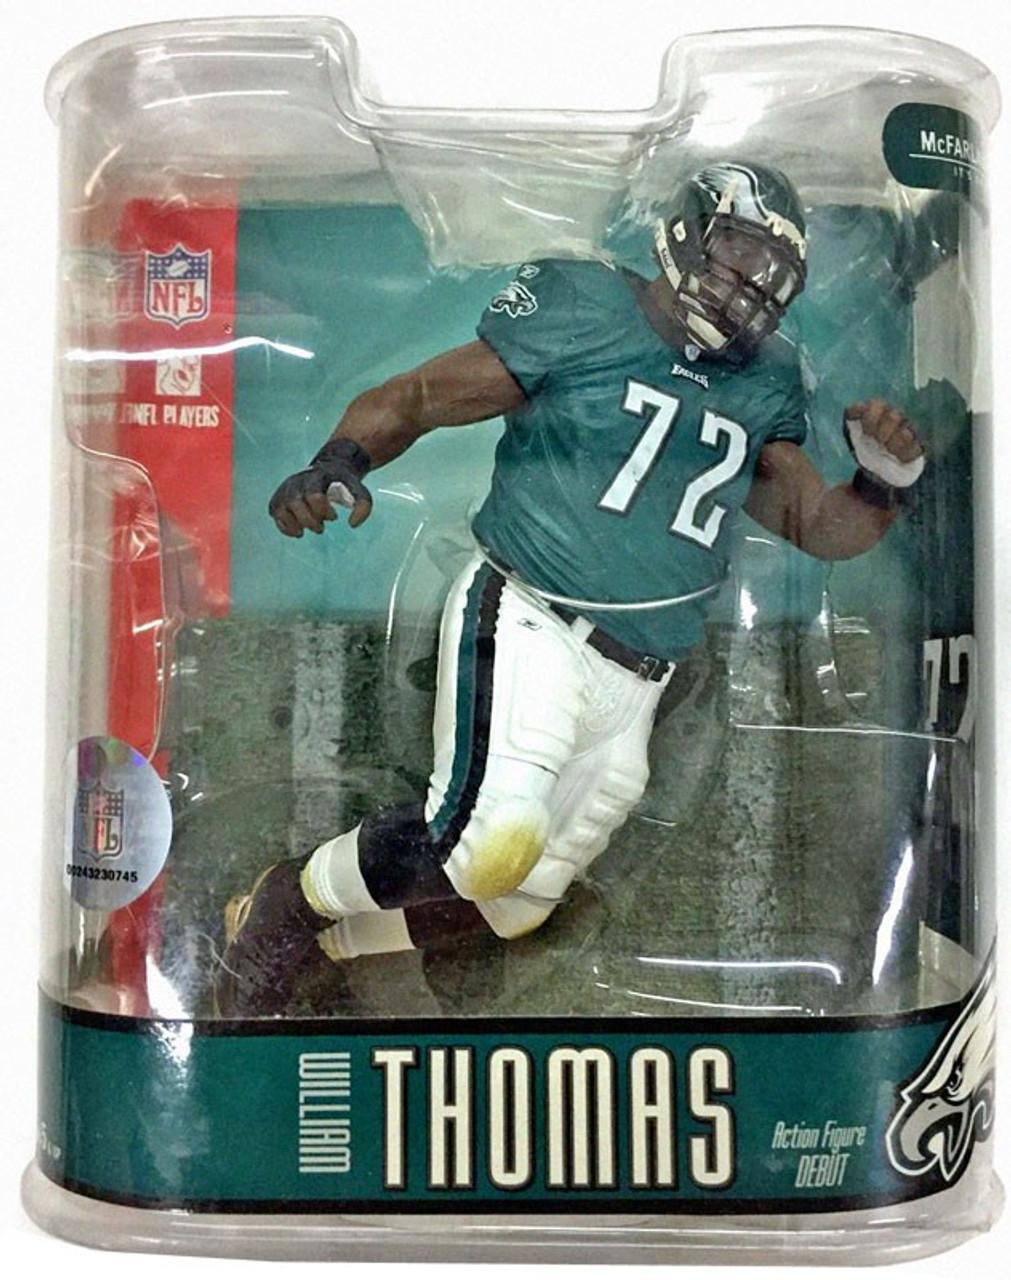 McFarlane Toys NFL Philadelphia Eagles Sports Picks Series 15 William Thomas Action Figure